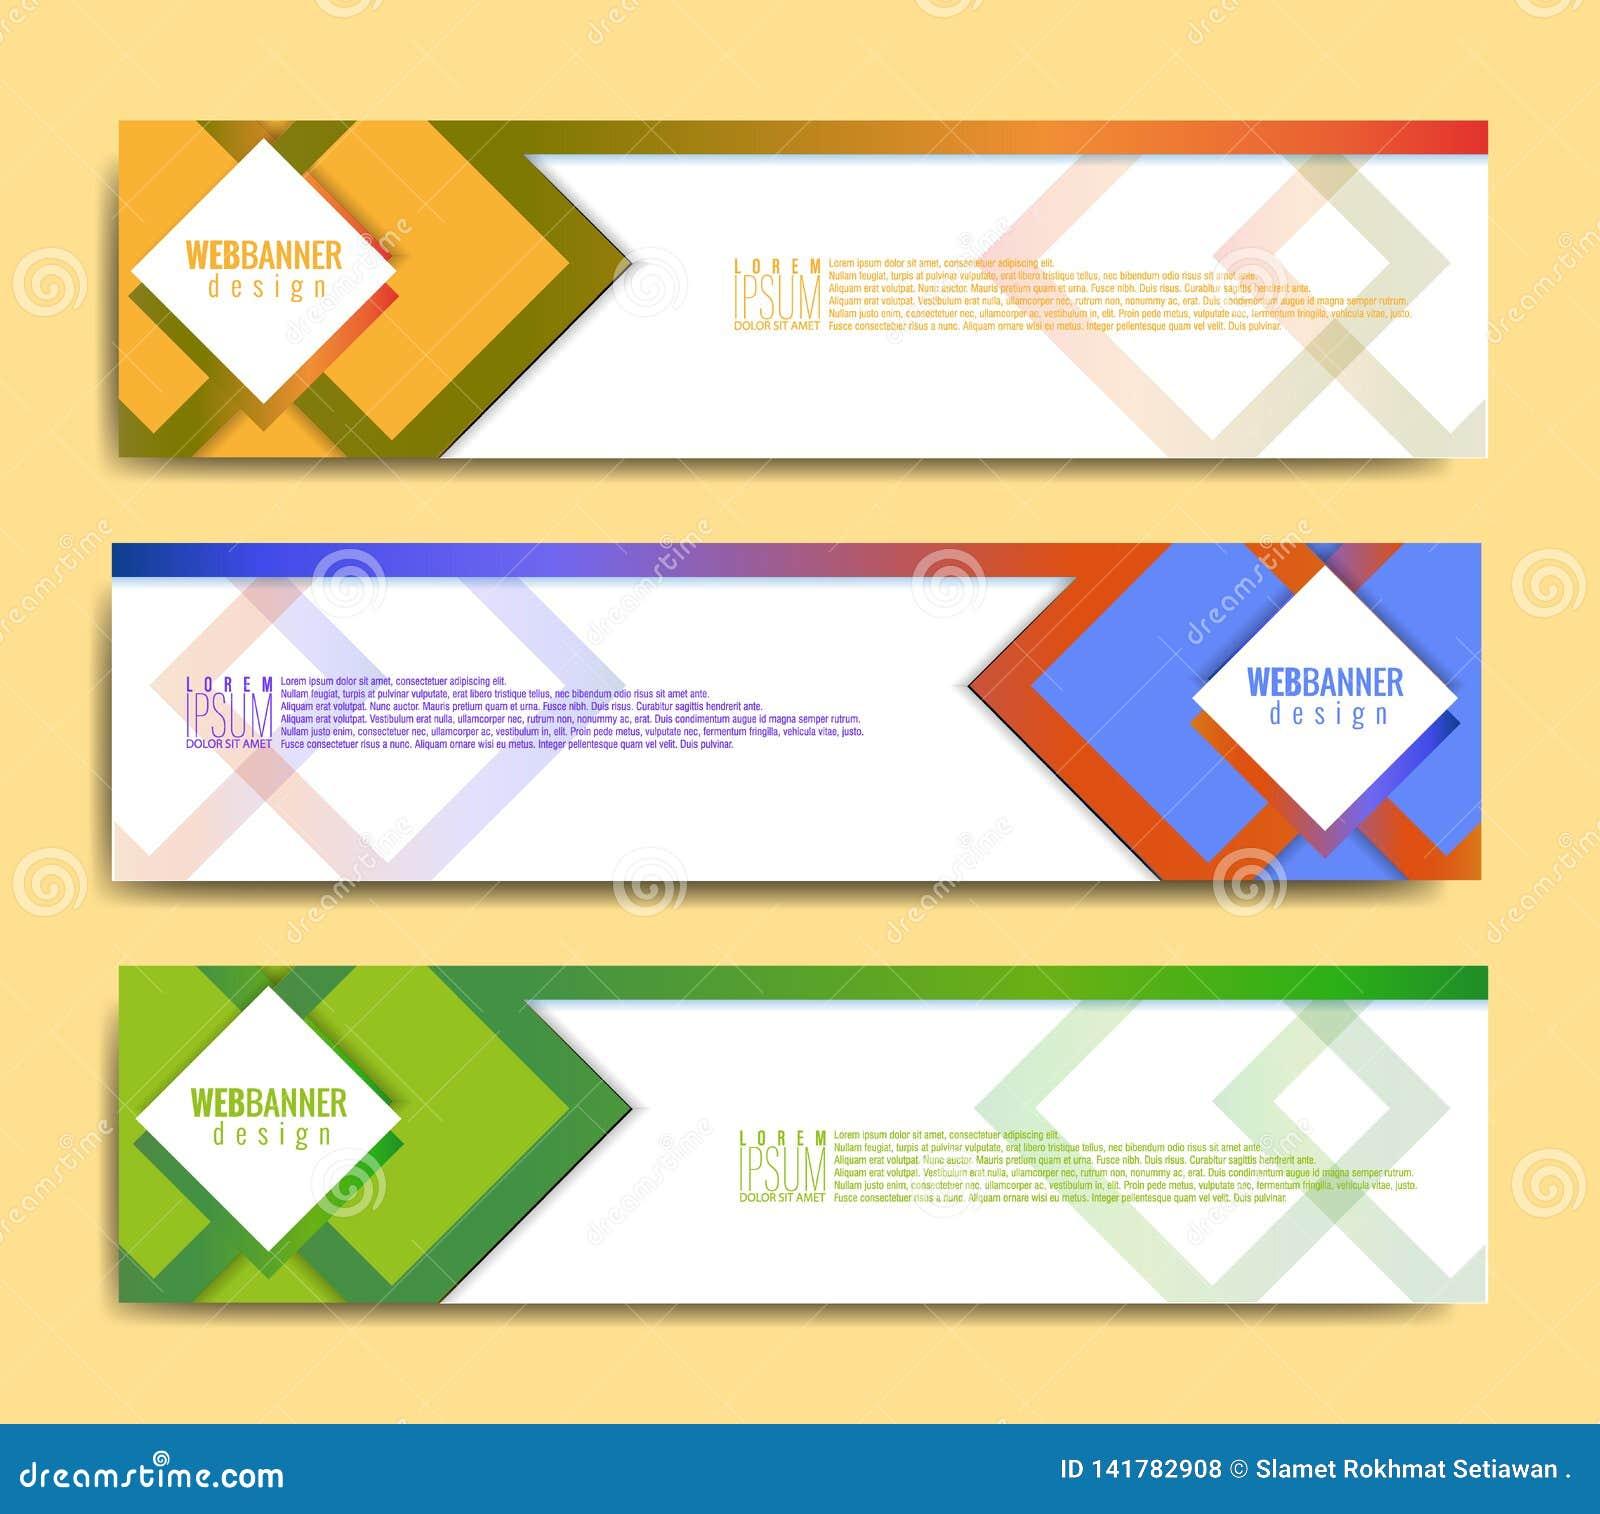 Plantilla moderna de la bandera, plantilla minimalista de la web de la bandera, diseño promocional de la bandera, fondos abstract